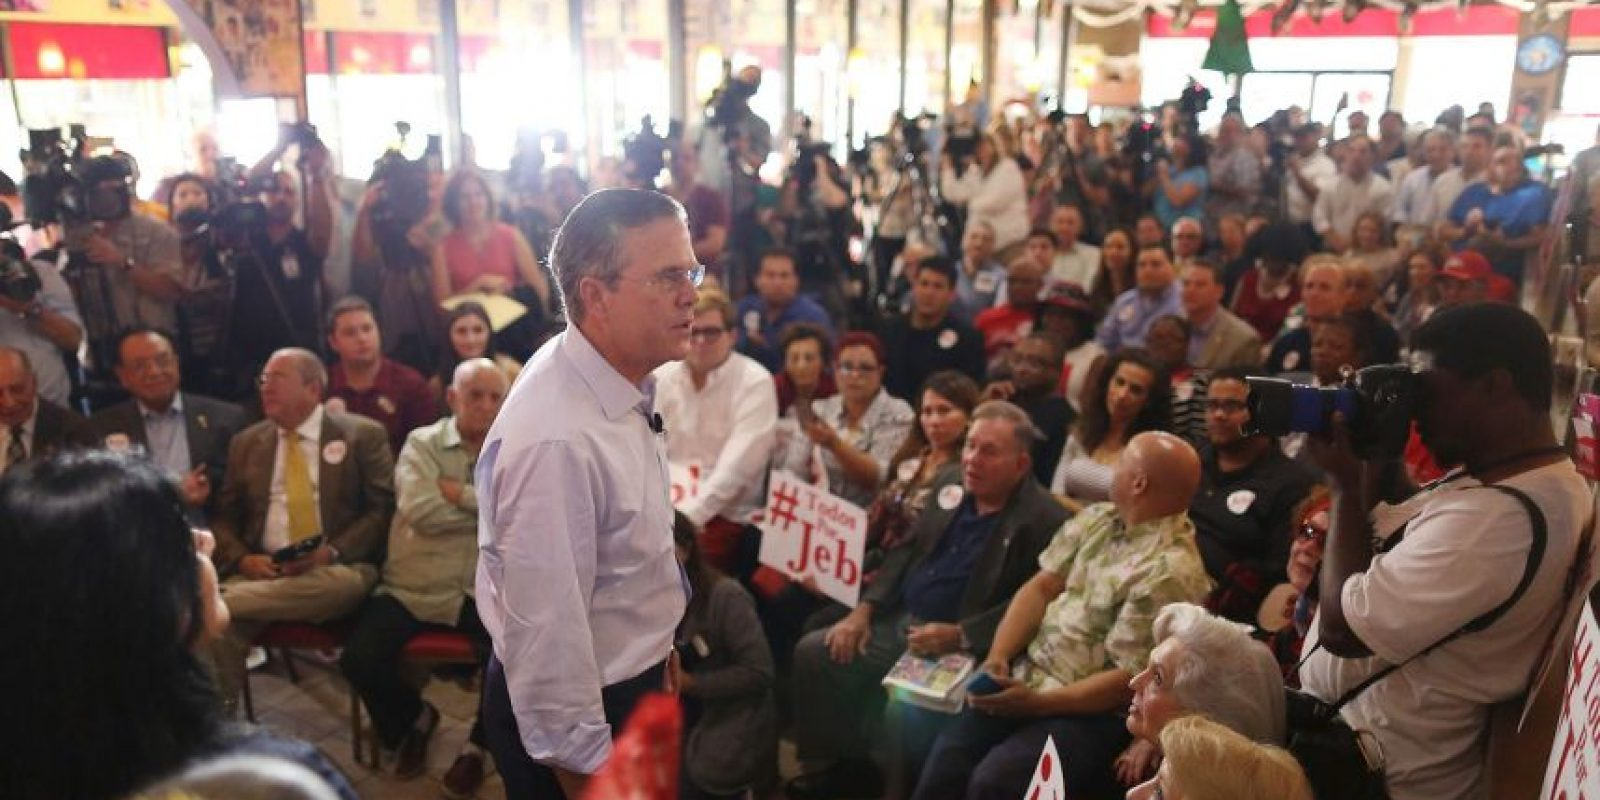 Ahora, Jeb Bush es el quinto candidato. Donald Trump lo supera por más de 30 puntos porcentuales Foto:Getty Images